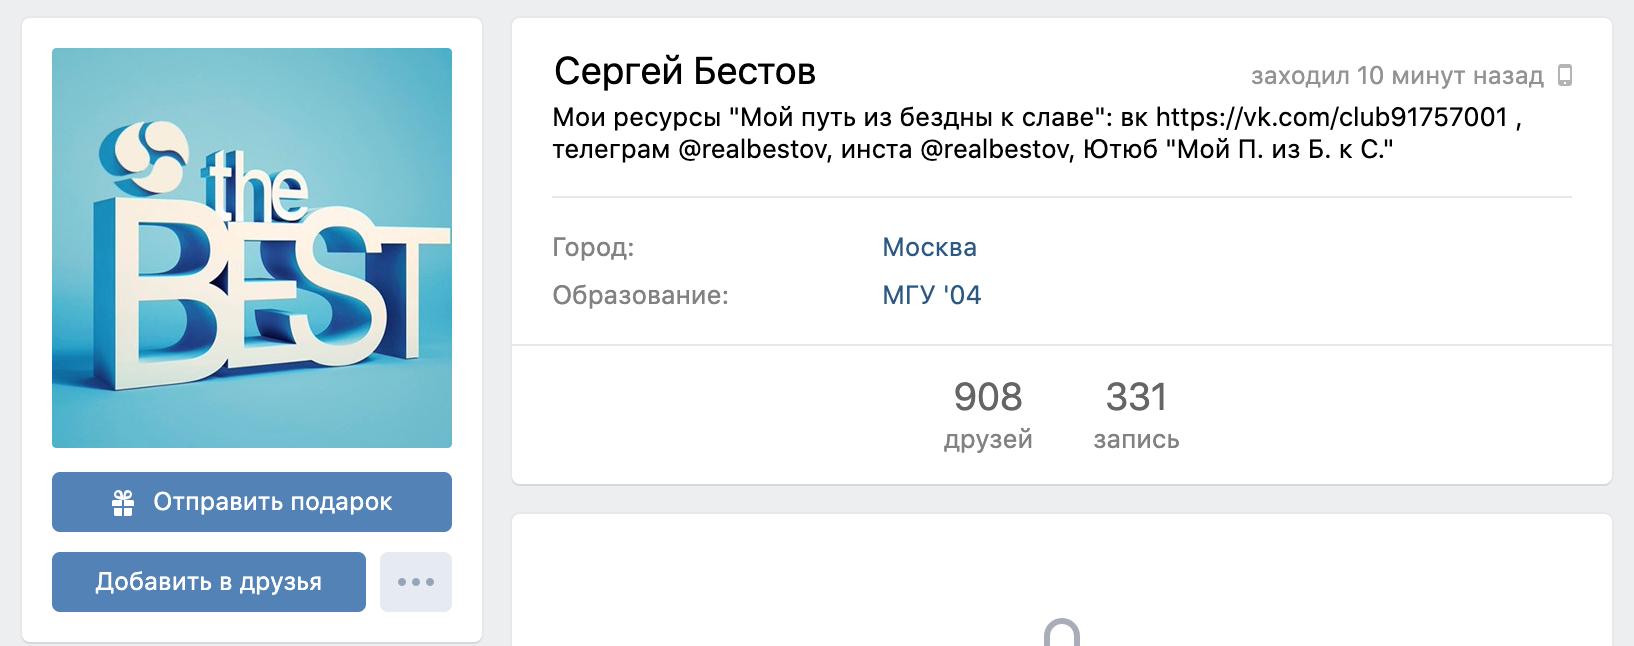 Страница ВК Сергея Бестова